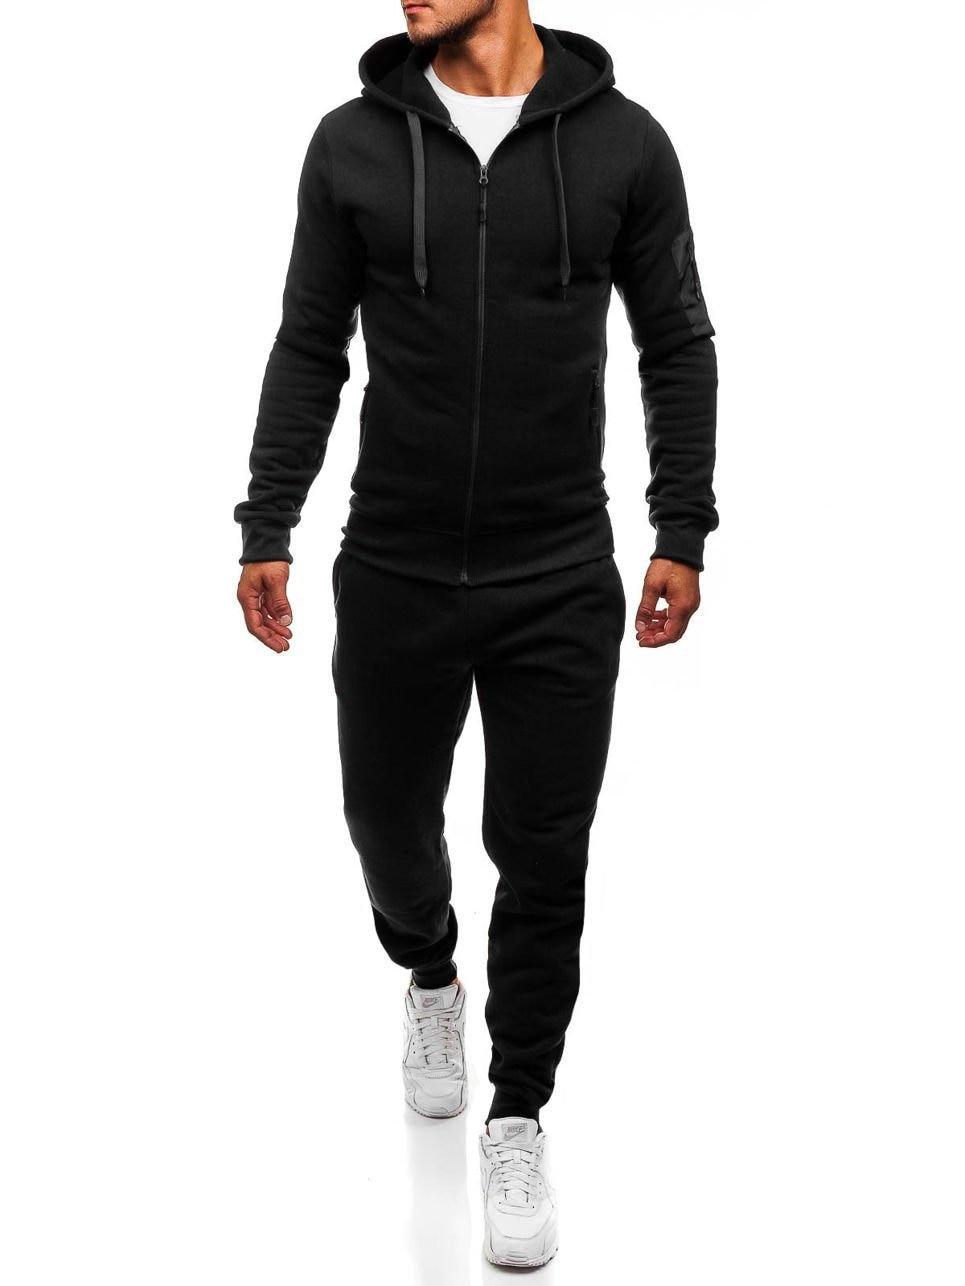 2019 Men Casual Hooded Sports Hoodie Set